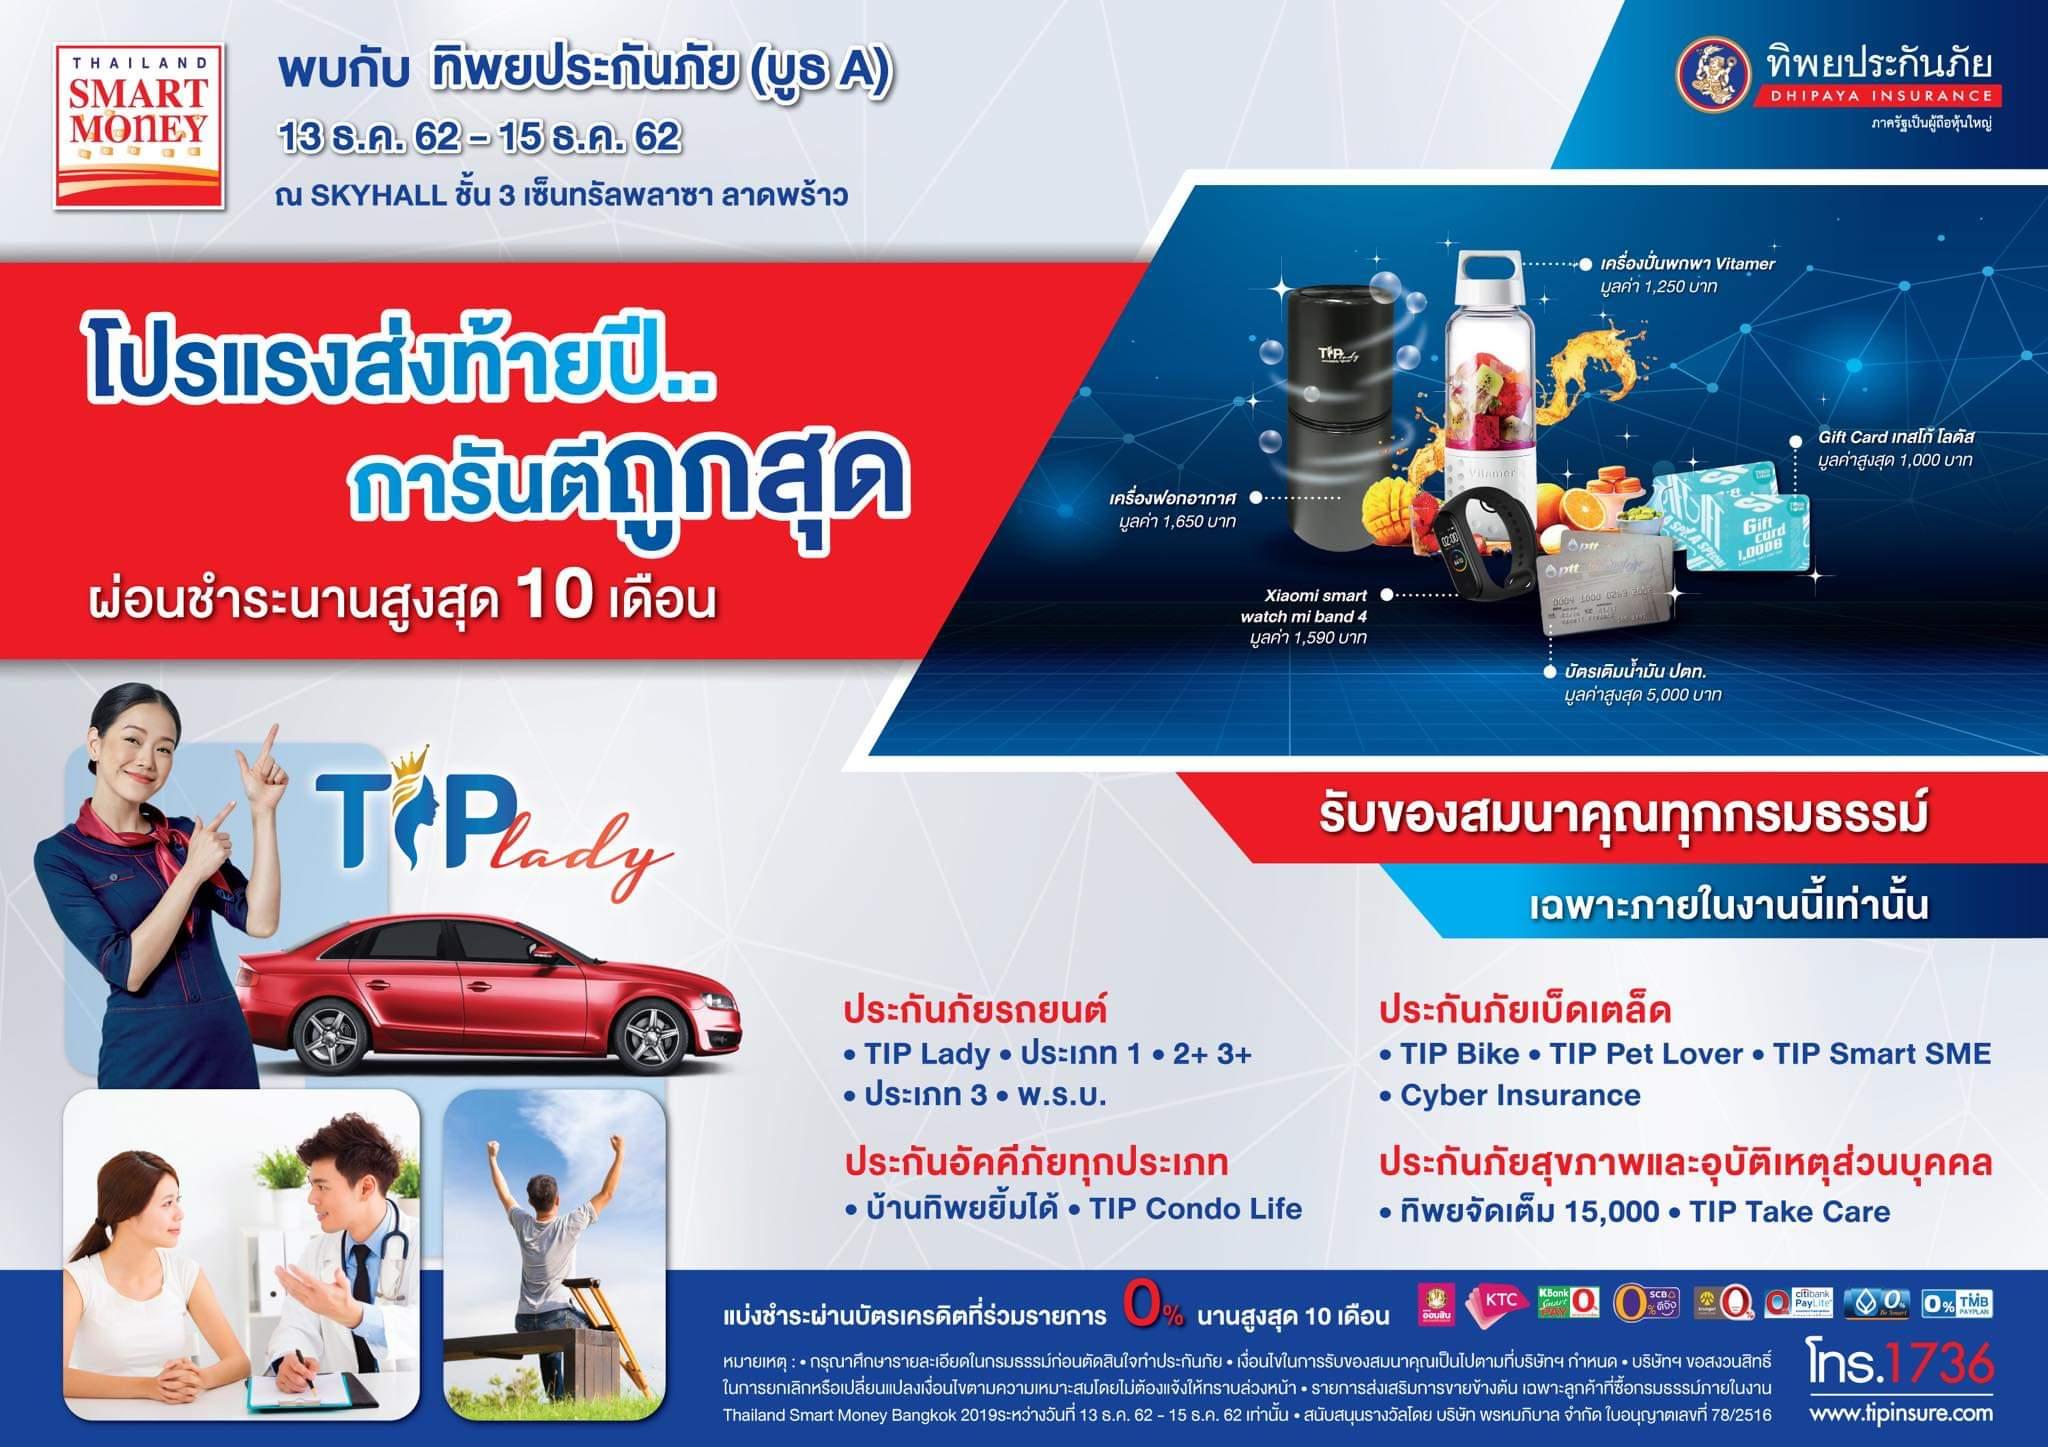 TIP จัดโปรแรงส่งท้ายปี! ในงาน Thailand Smart Money 2019